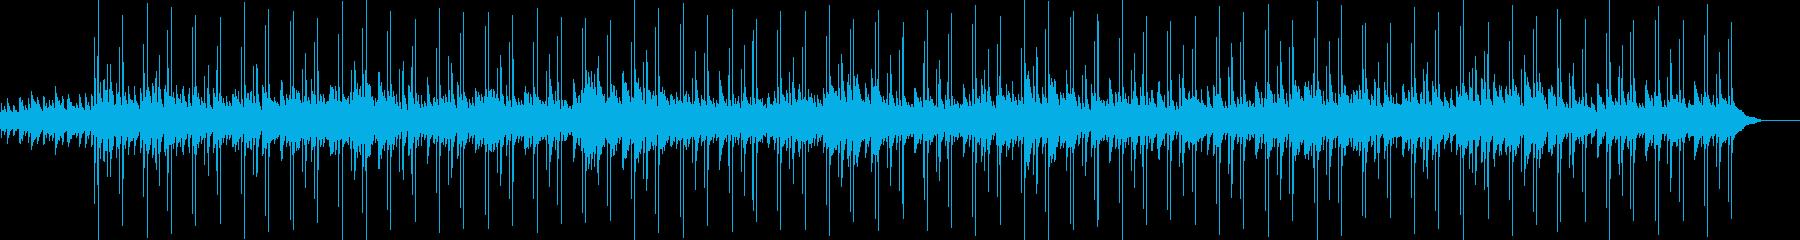 ポップイージーリスニングインストゥ...の再生済みの波形